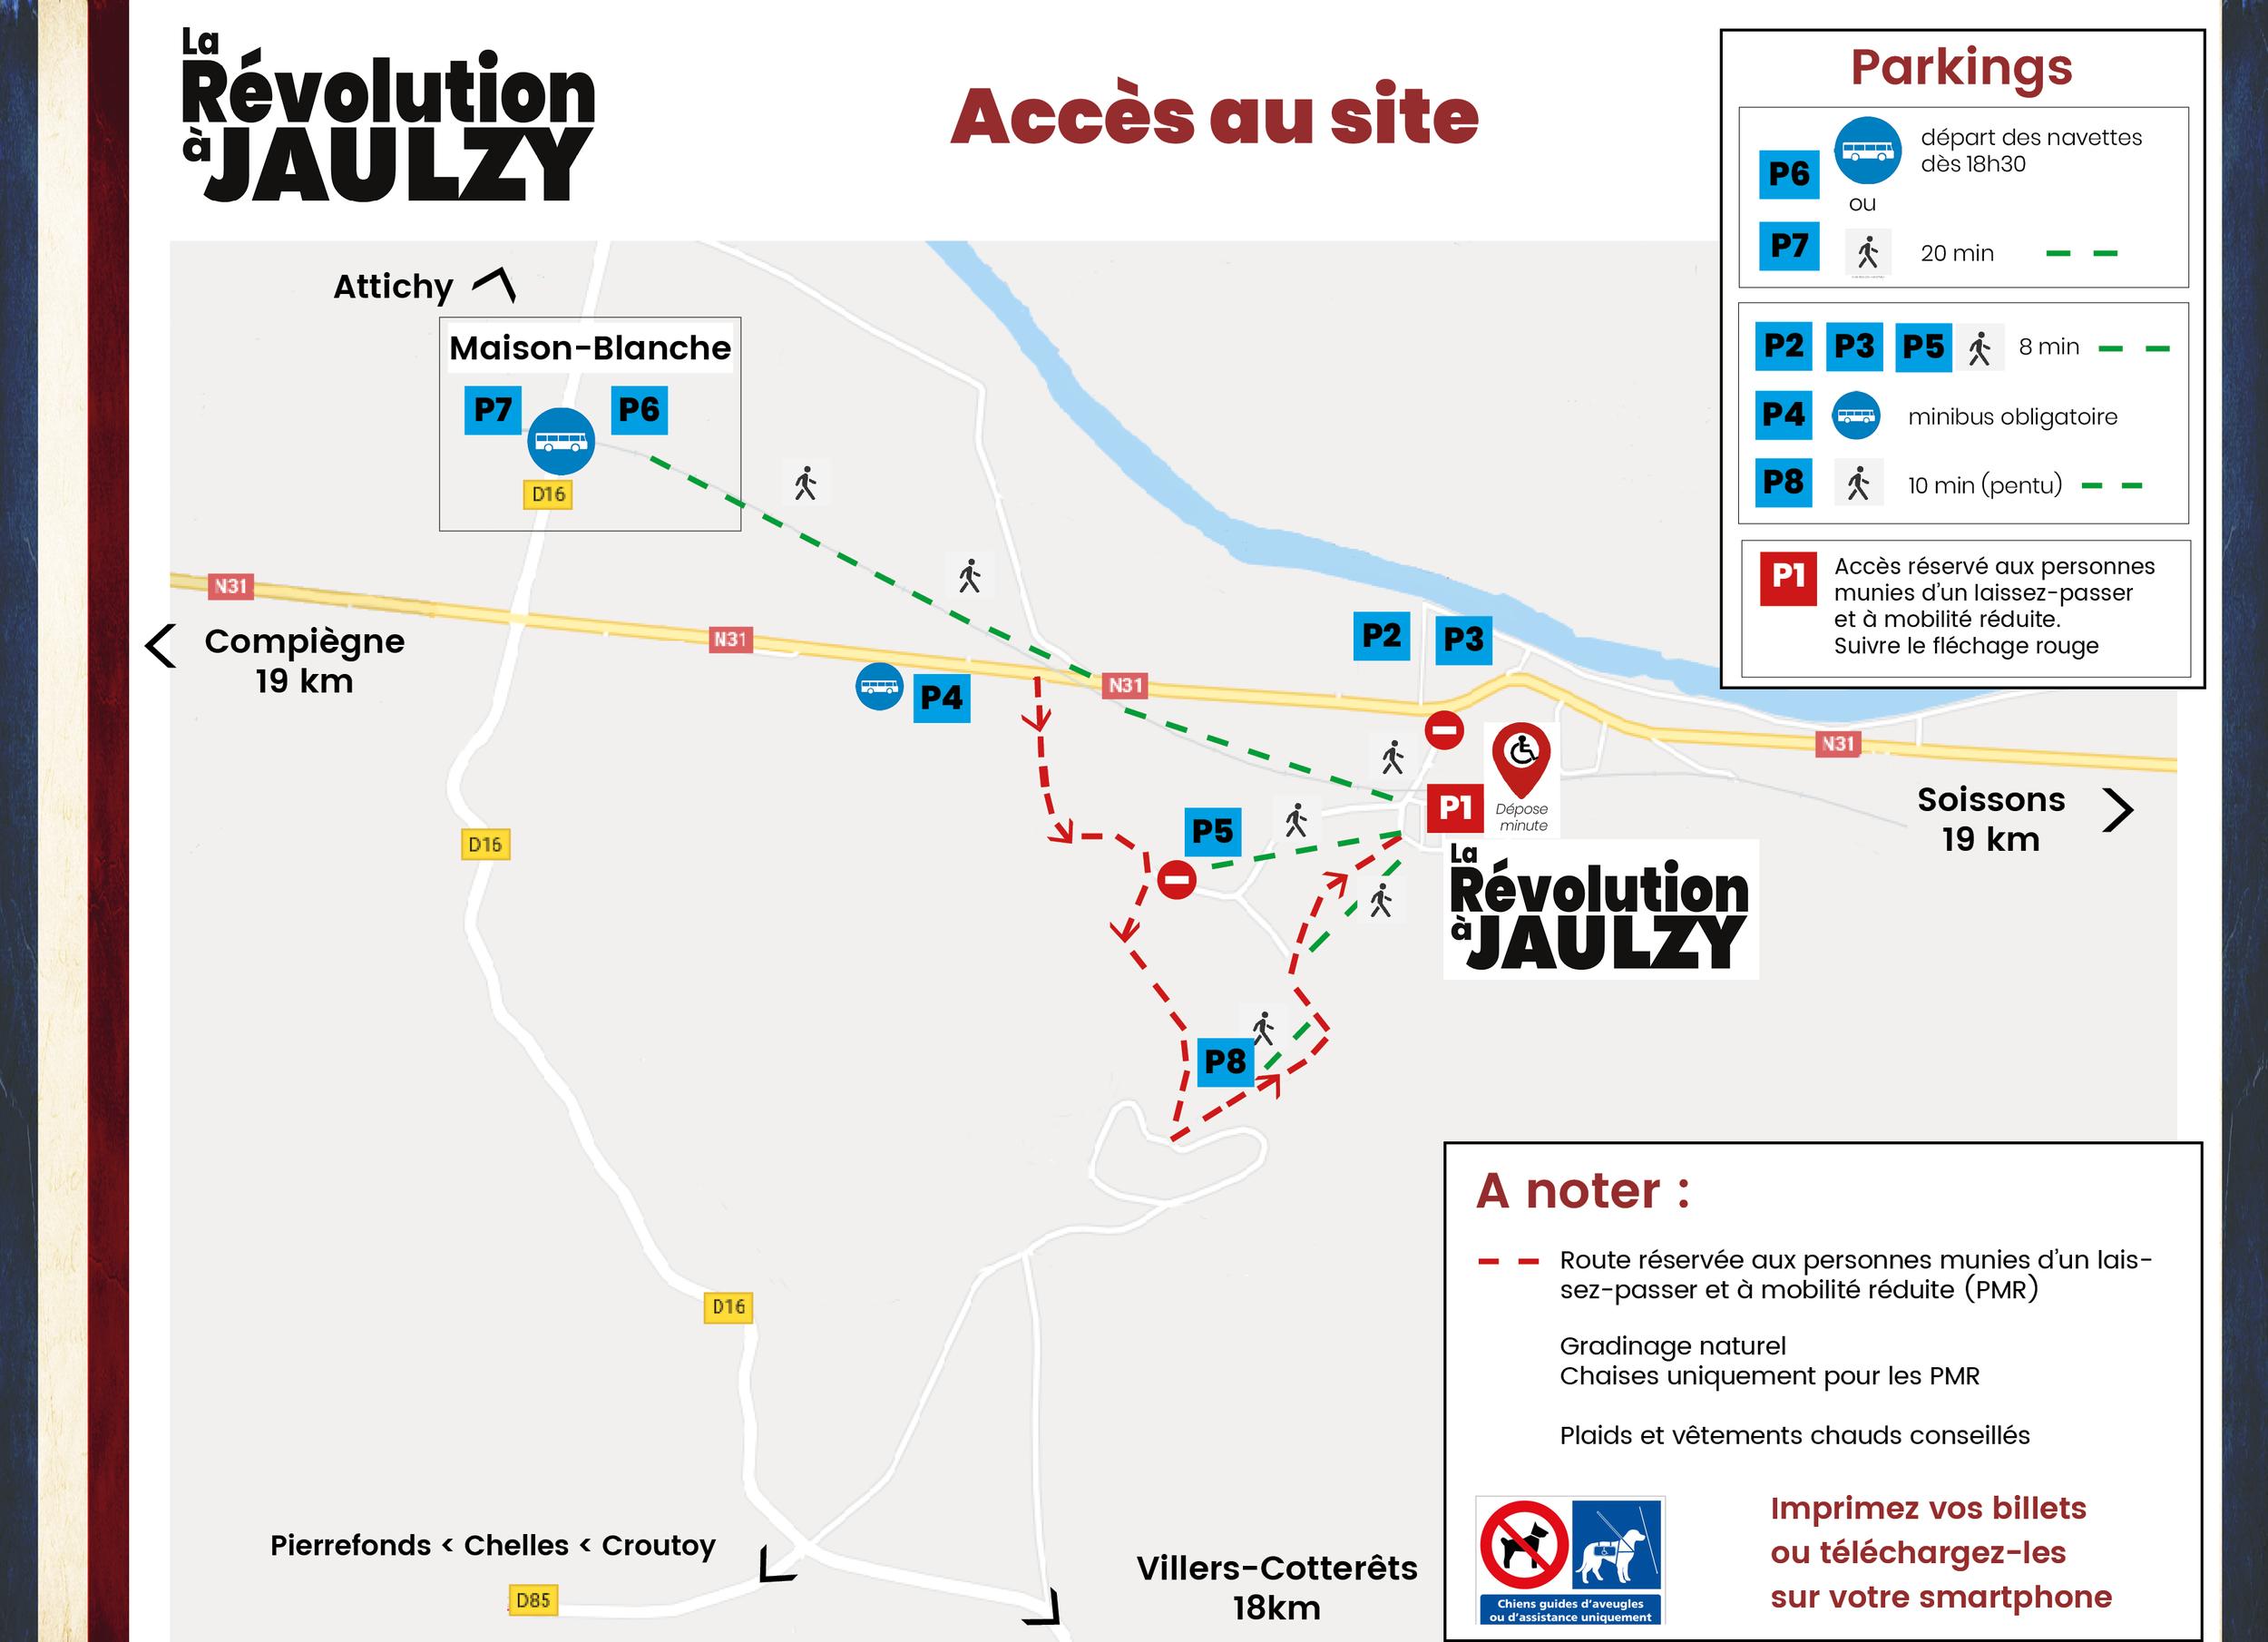 Informations Pratiques - Vendredi 31 mai et Samedi 1er juin 2019Place de la Mairie de JaulzyÀ 15 minutes de Compiègne—À partir de 19h : Ouverture des portes21h : Dernier accès aux parkings gratuits